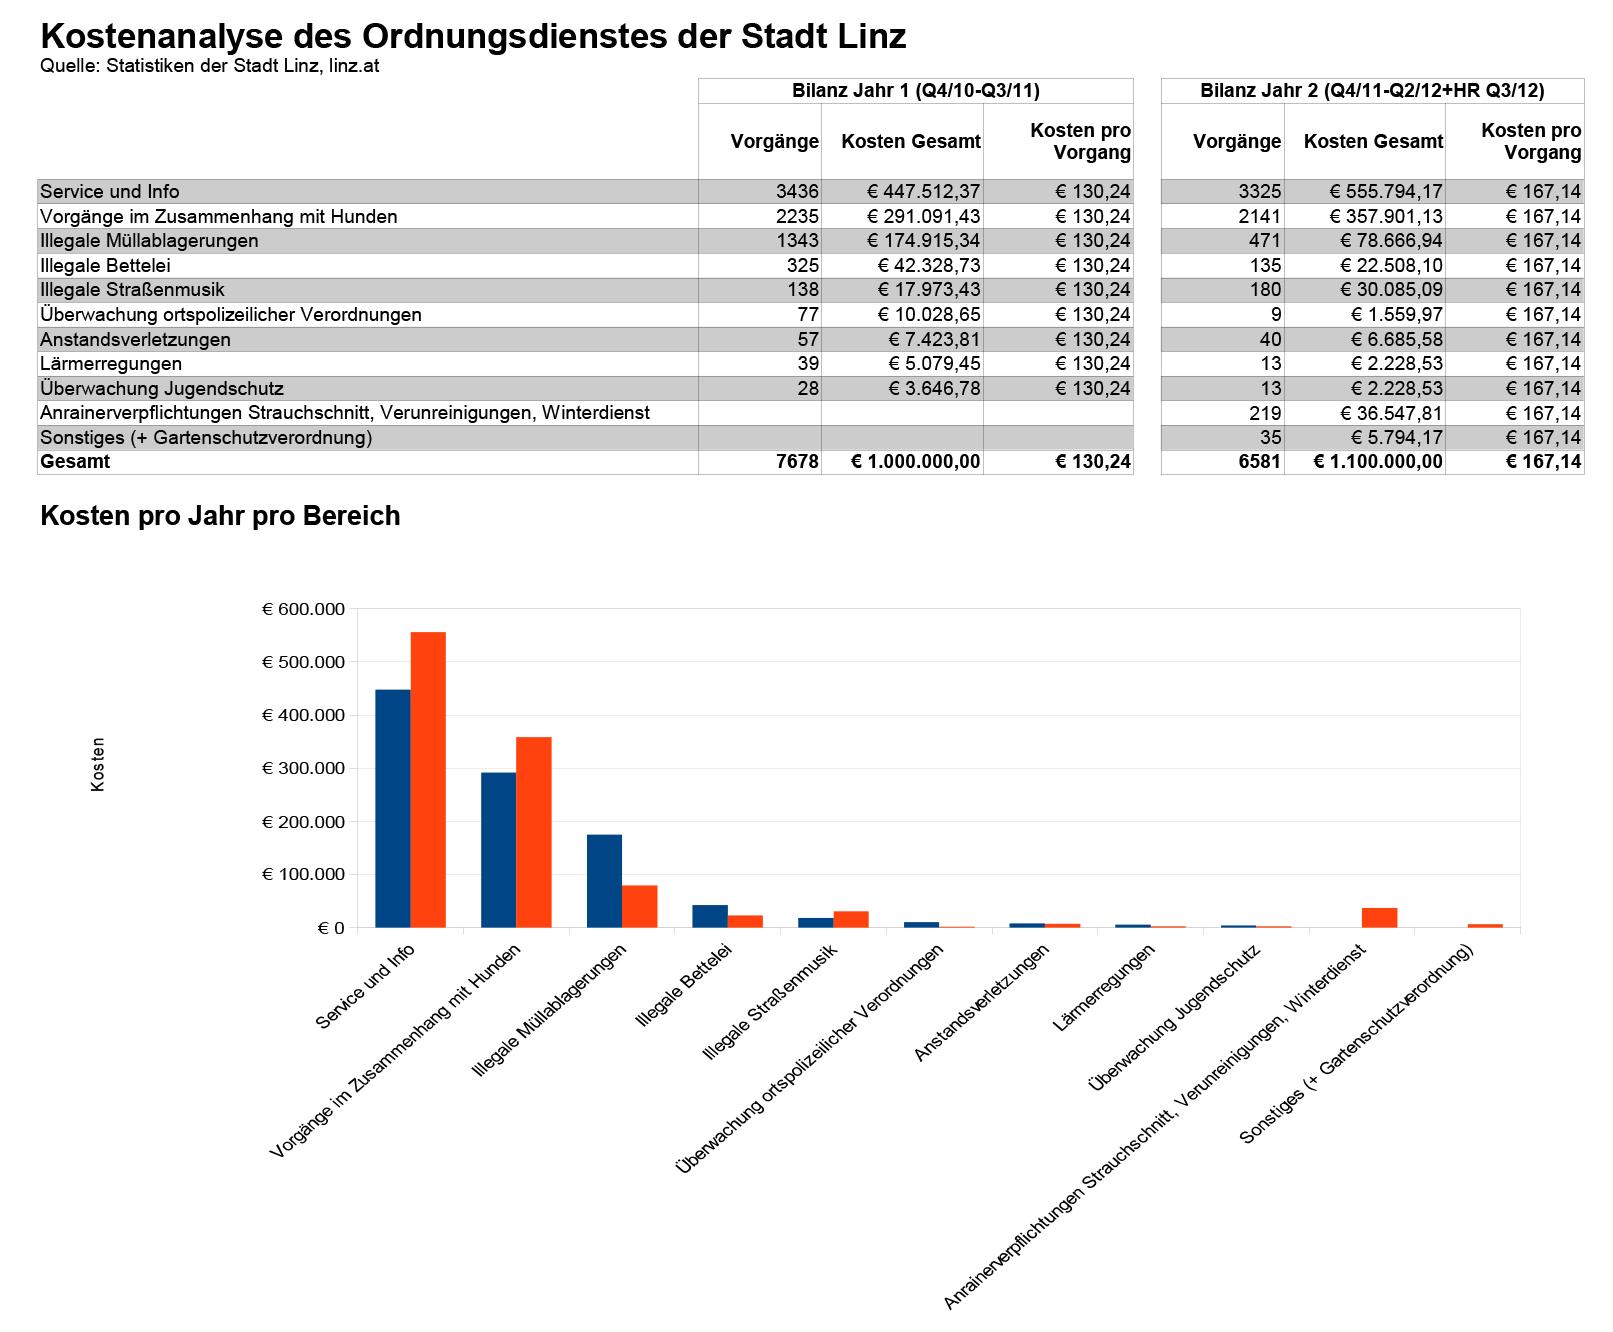 Kostenanalyse-Stadtwache-Linz-Jahr-1-und-2